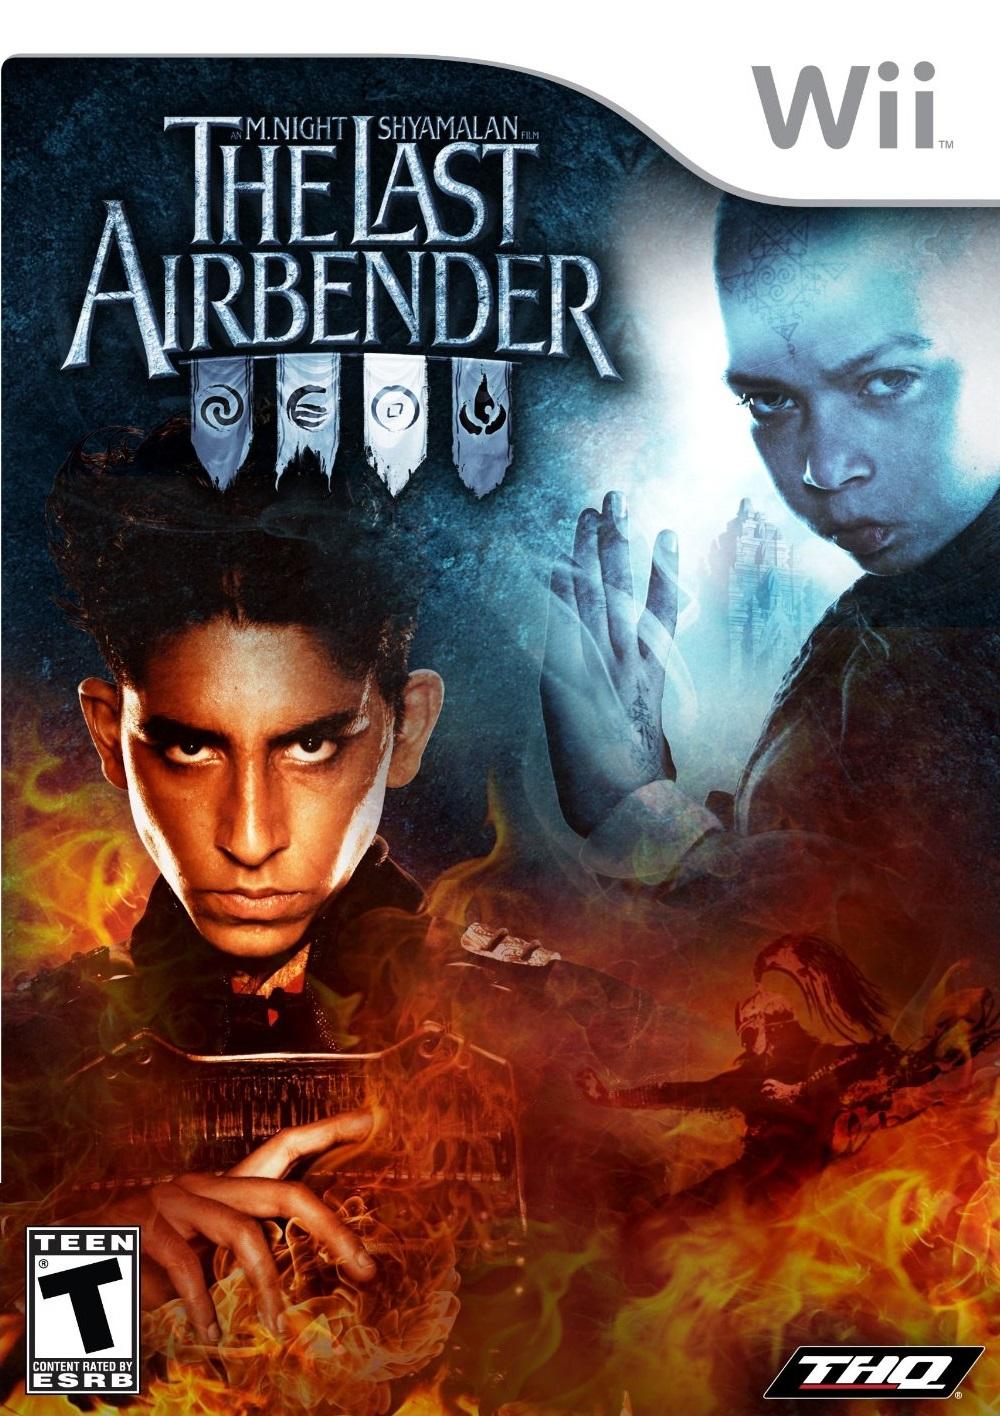 The Last Airbender Nintendo WII Game The Last Airbender 2 Movie Online